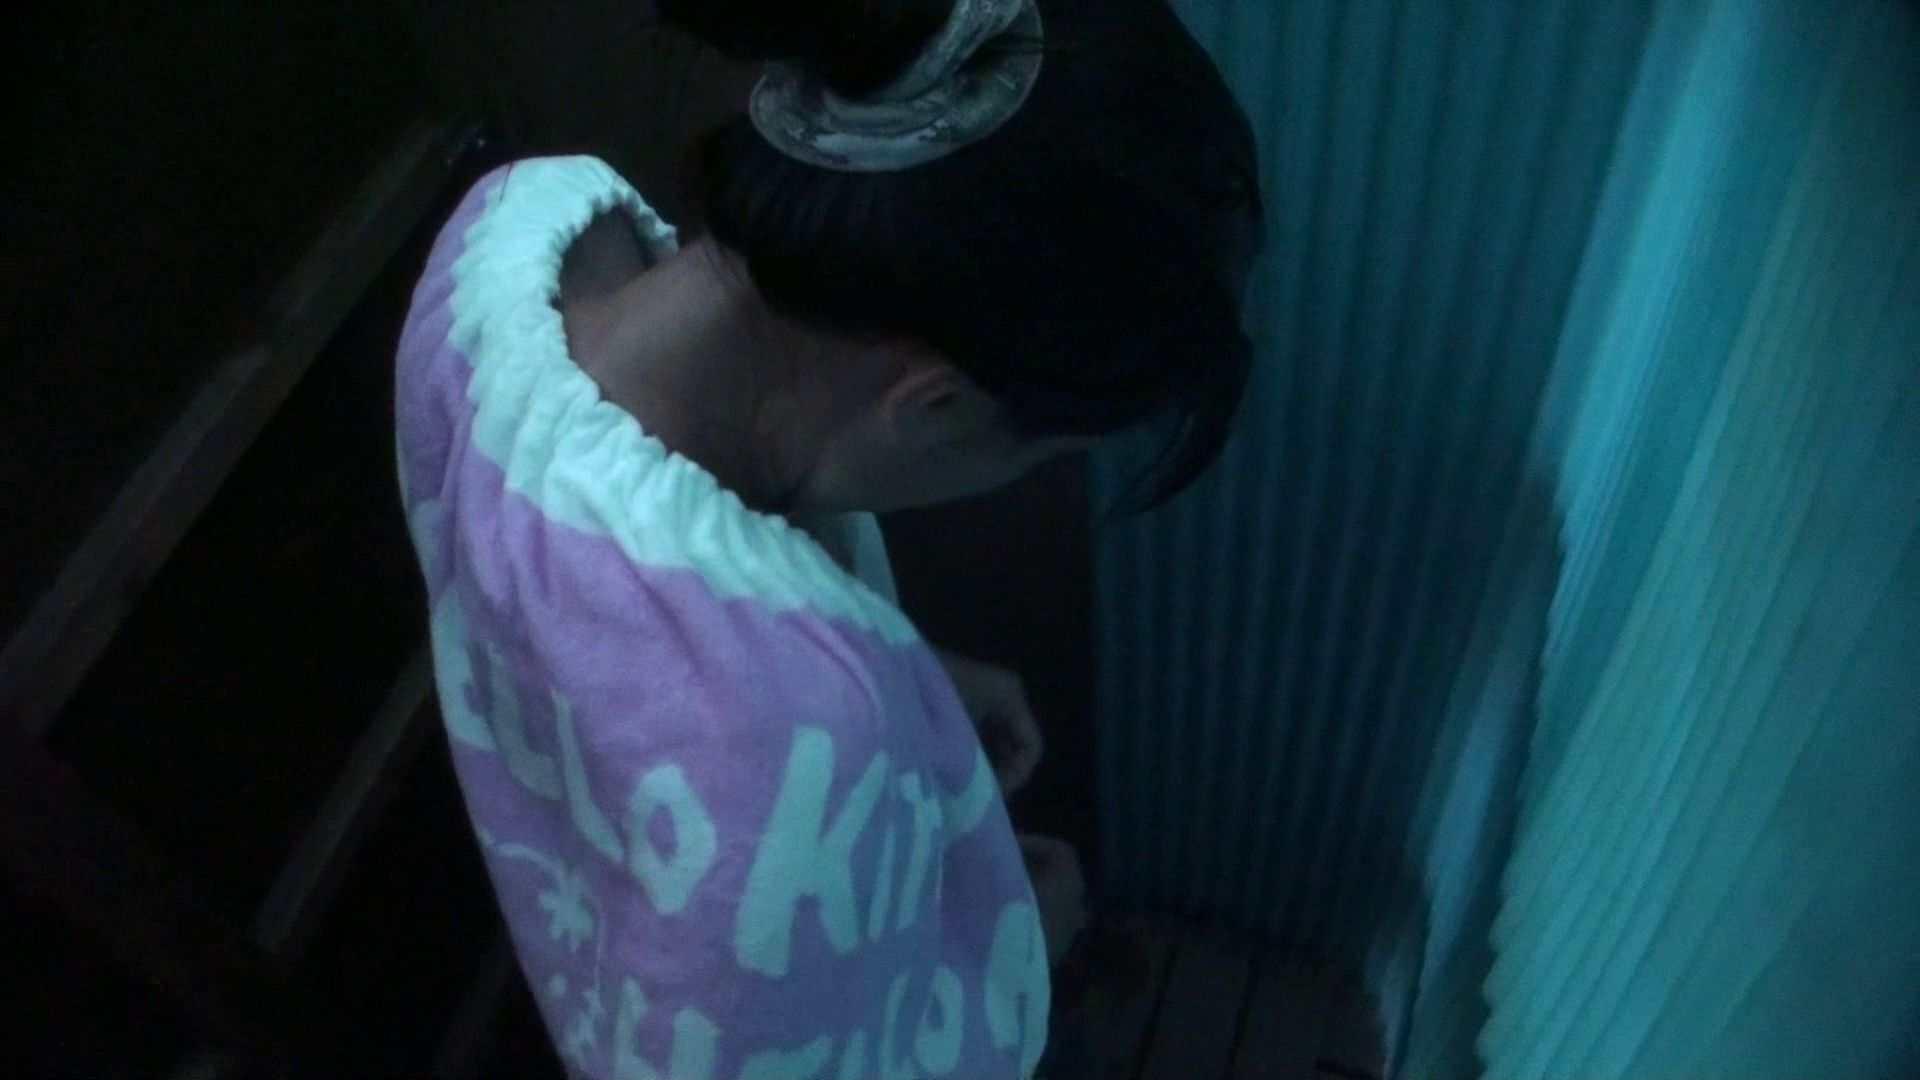 シャワールームは超!!危険な香りVol.26 大学生風美形ギャル 暗さが残念! OLの実態 | ギャルの実態  86pic 41